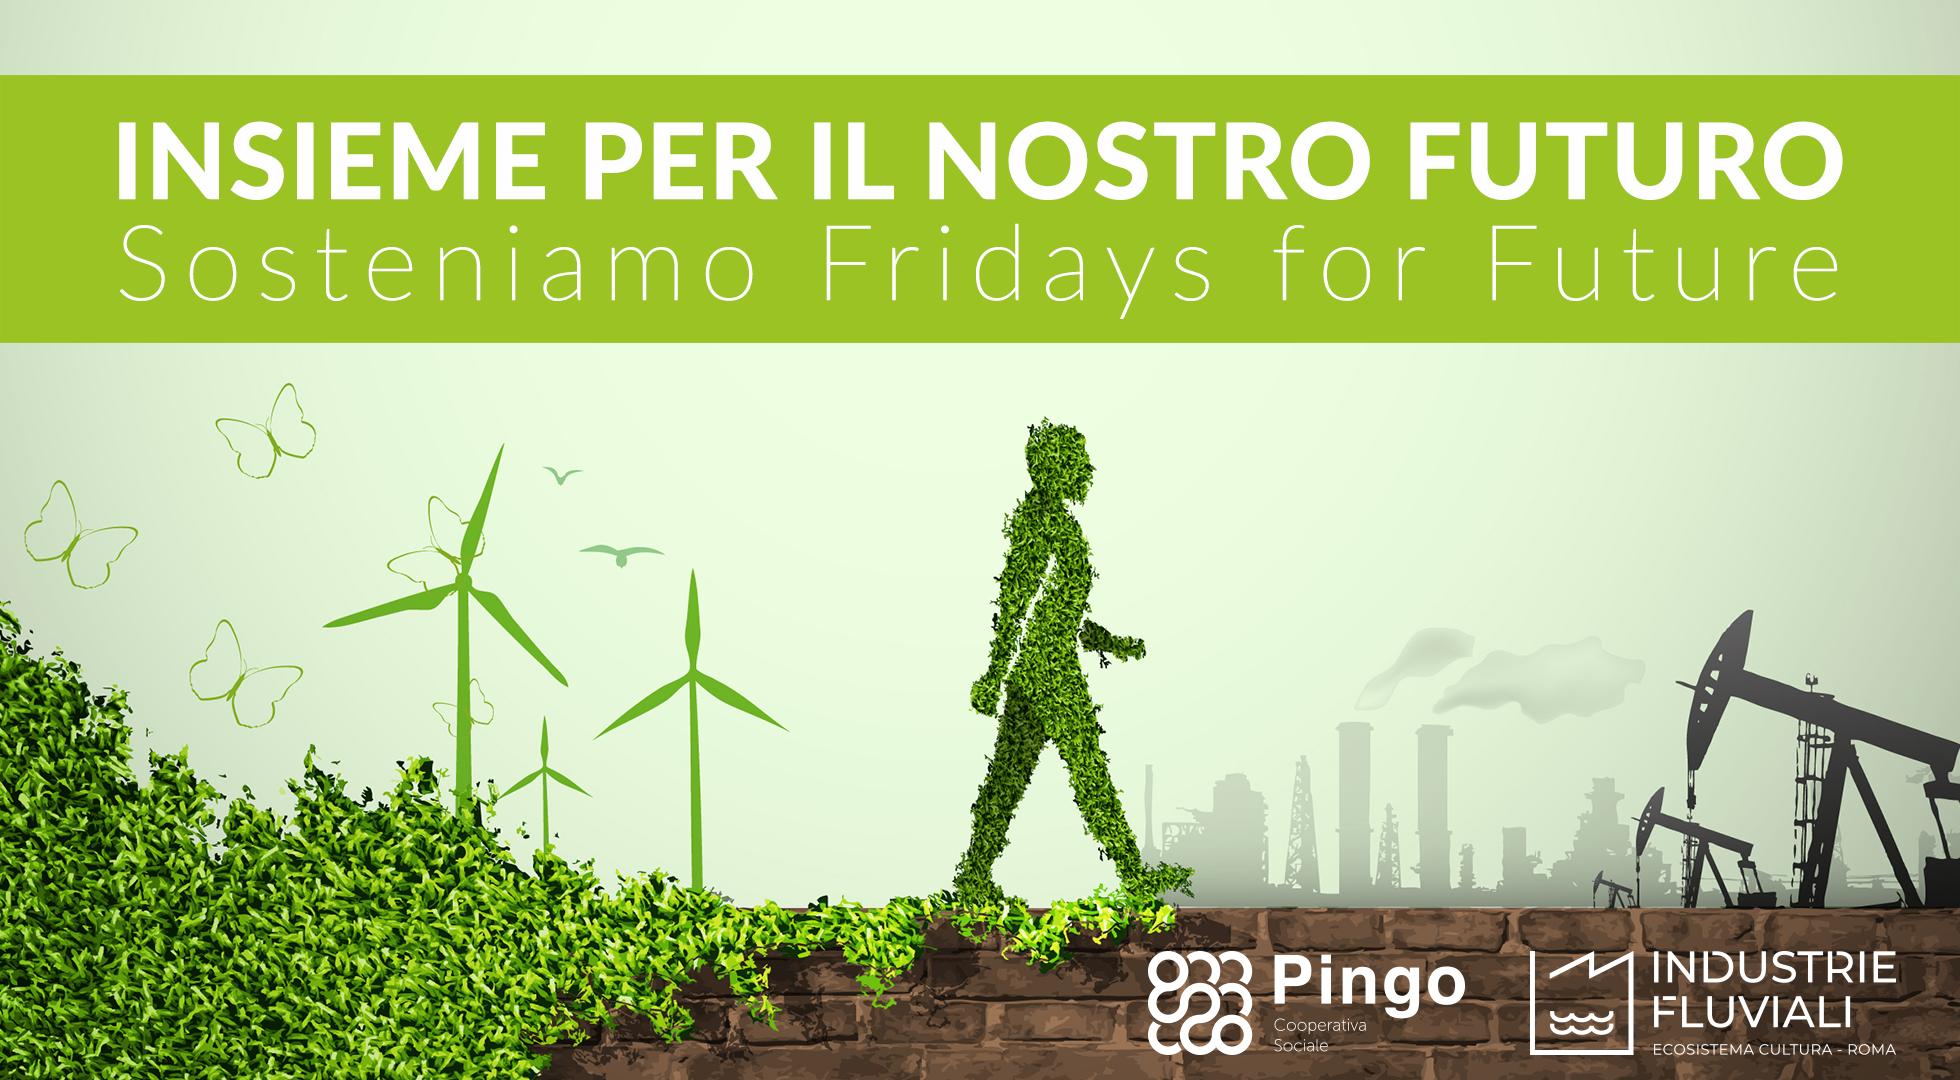 Fridays for Future - Insieme per il nostro futuro.